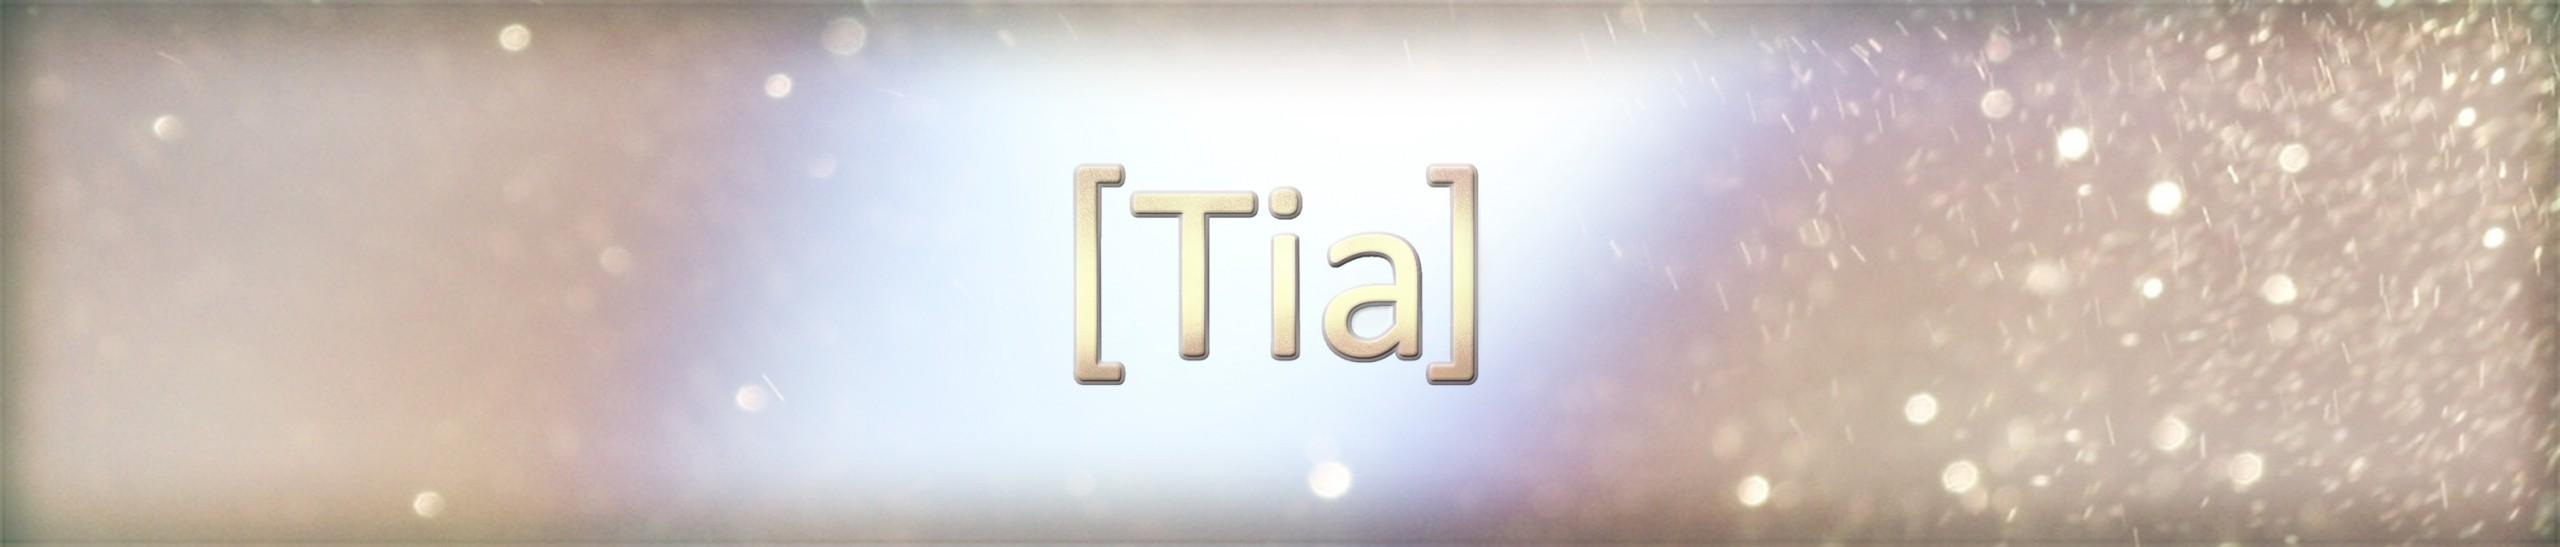 [Tia]